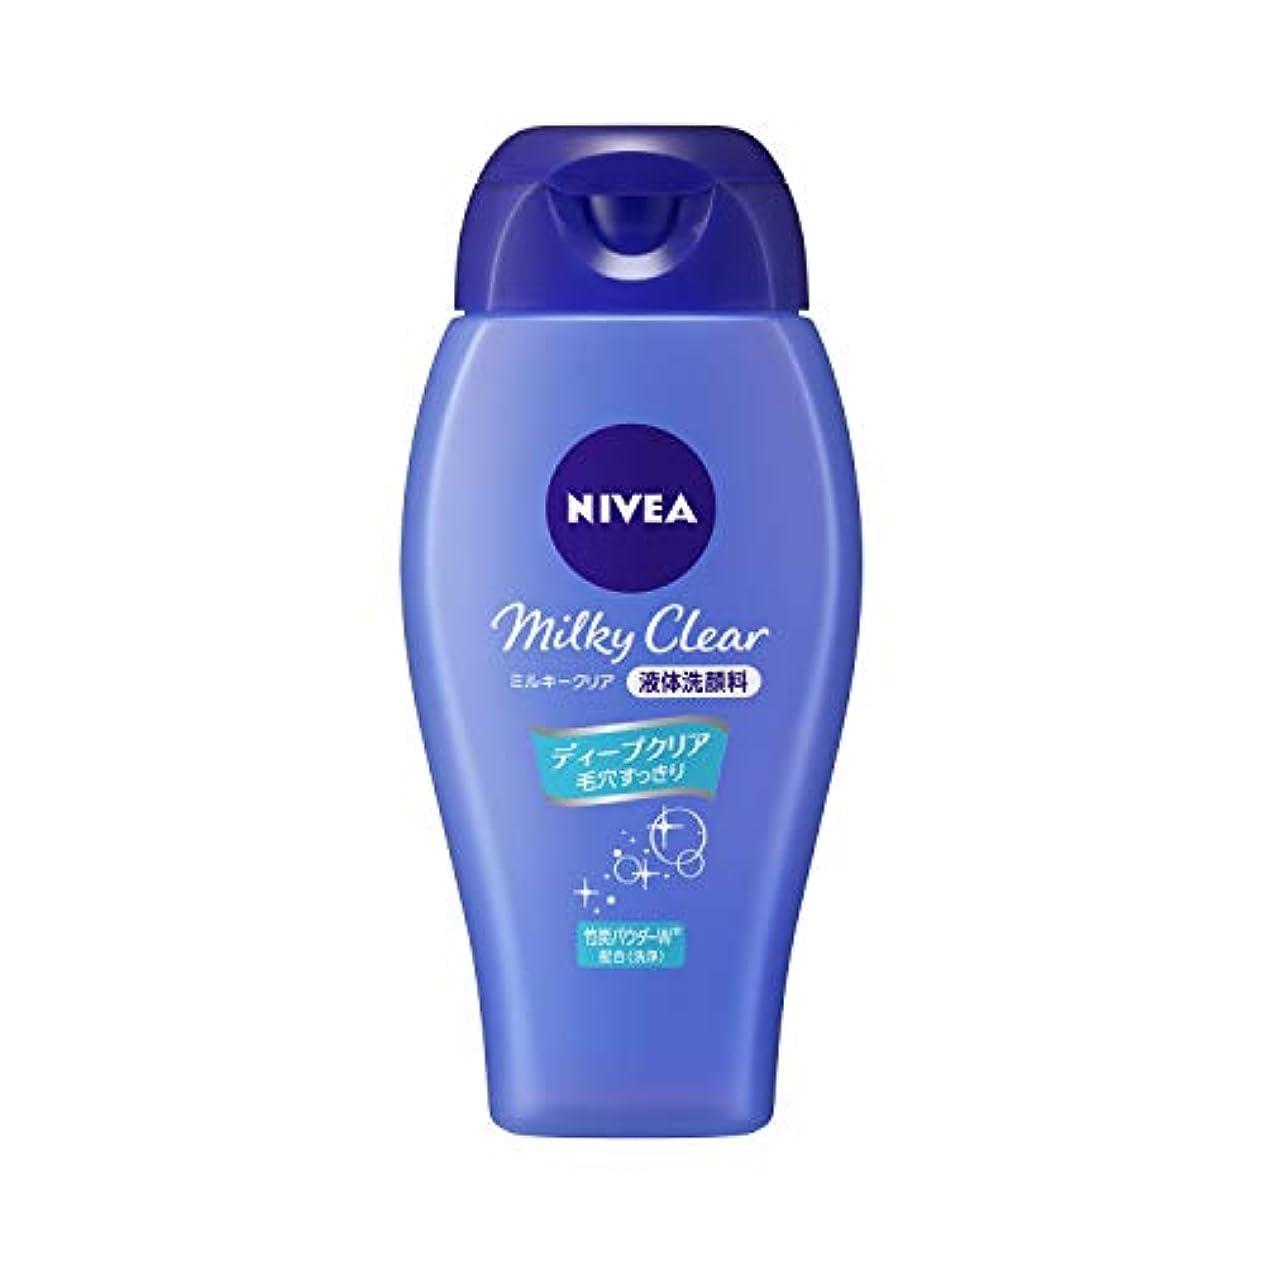 スリンクできない汚染されたニベア ミルキークリア洗顔料 ディープクリア 本体 シトラスハーブの香り 150ml